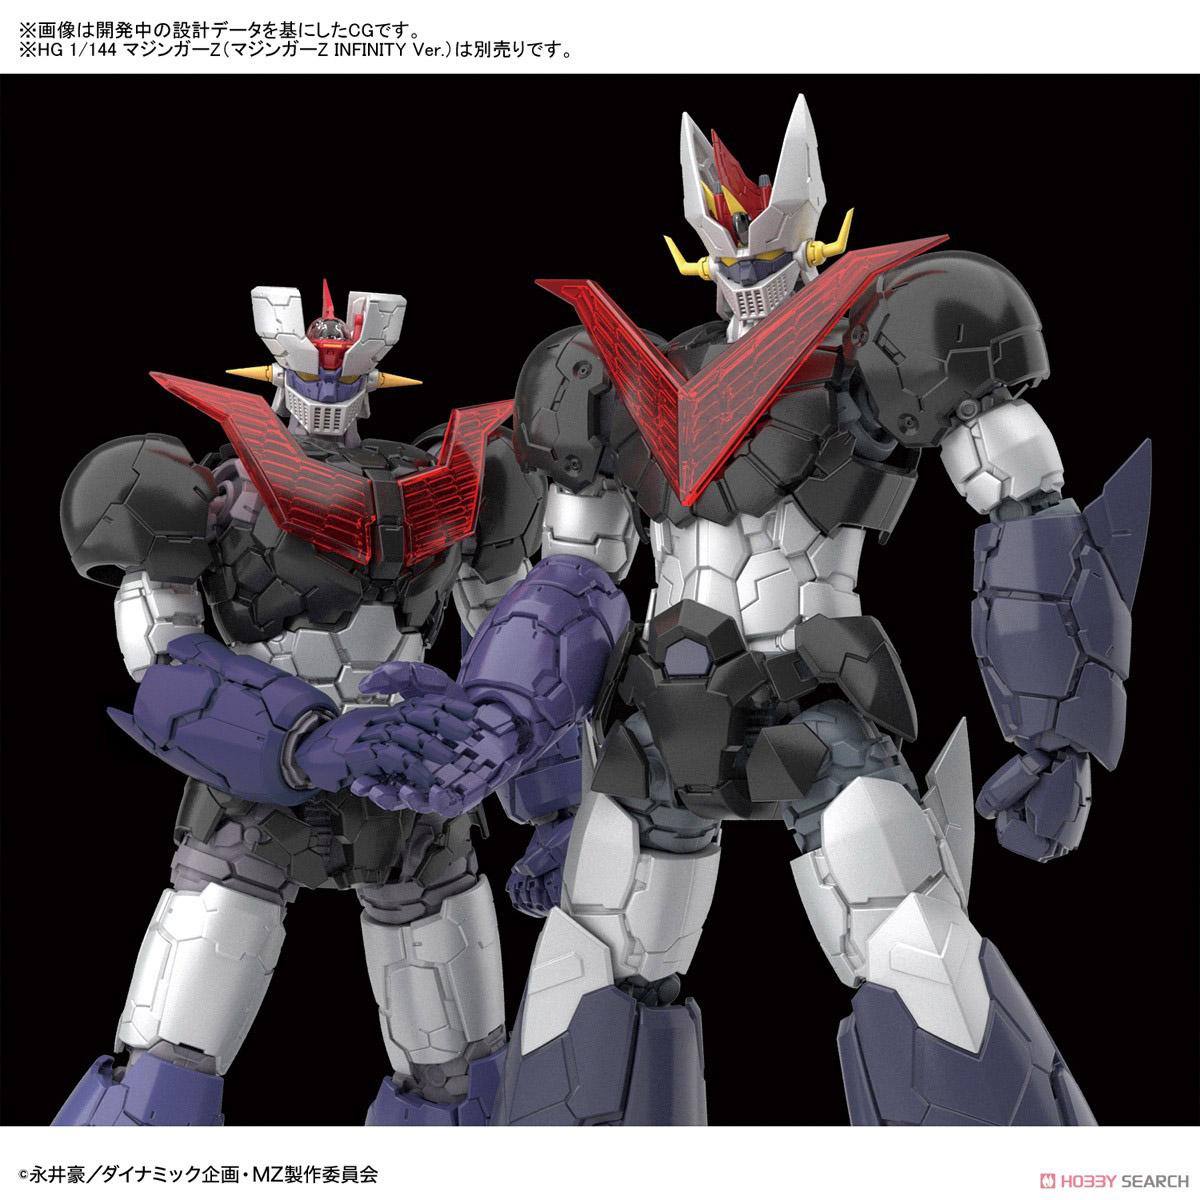 【再販】HG 1/144『グレートマジンガー(マジンガーZ INFINITY Ver.)』プラモデル-018